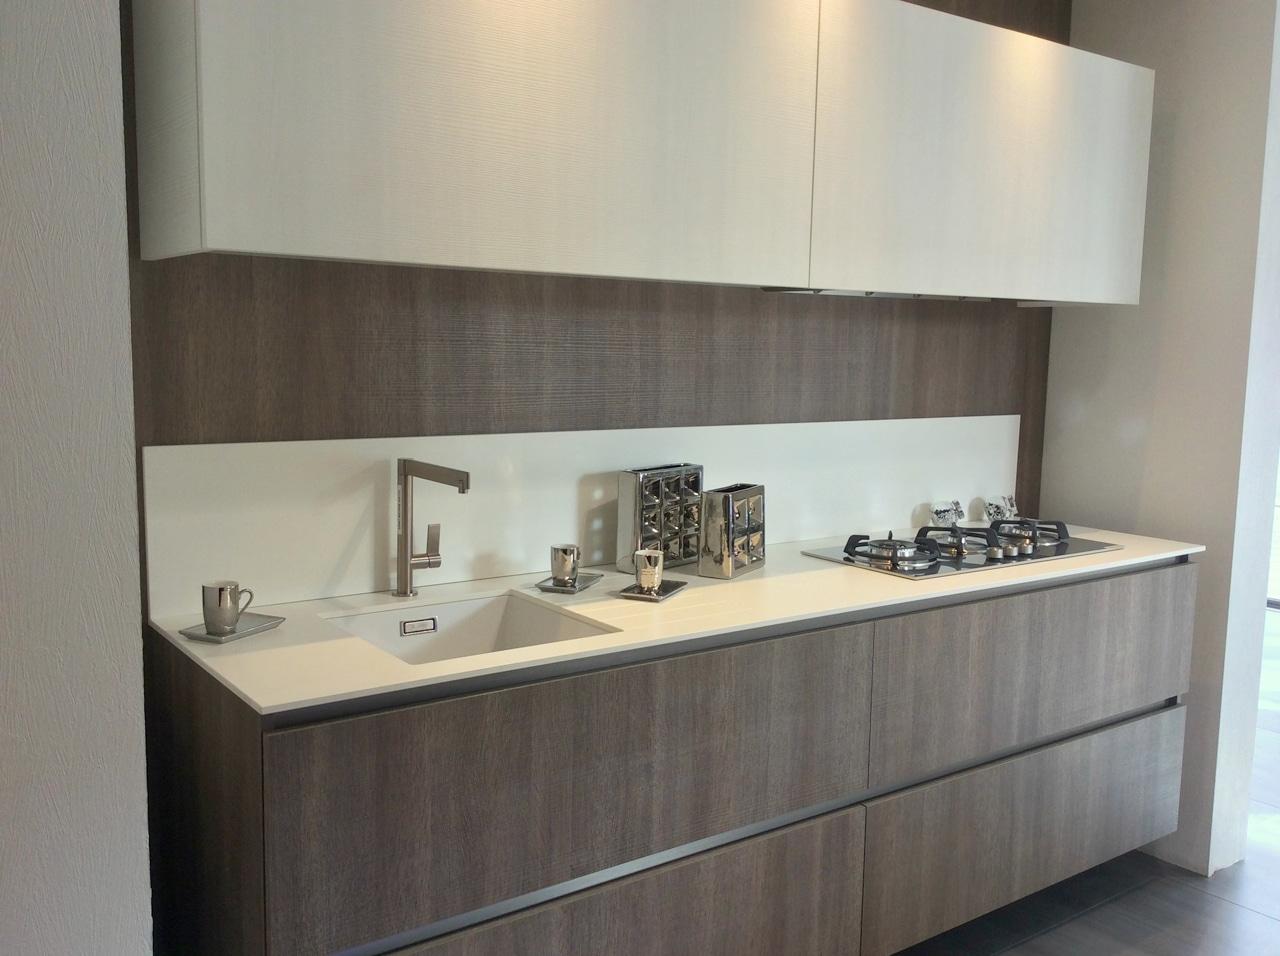 Vente d une cuisine expo 2 c line for Vente cuisine